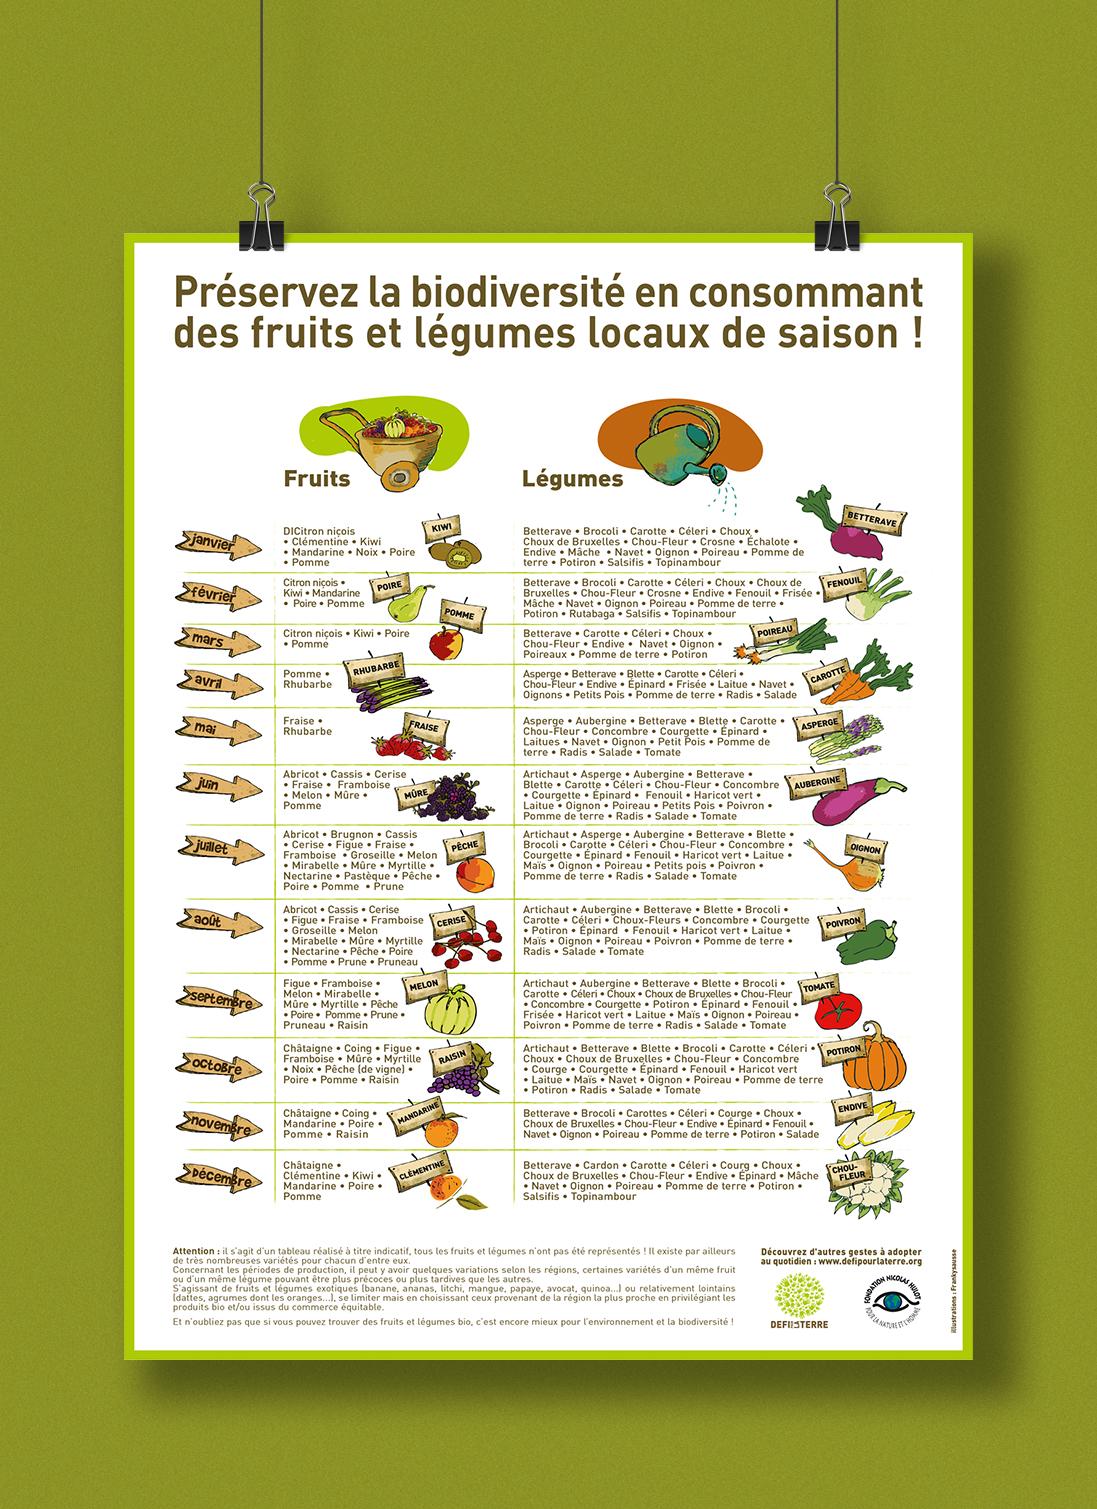 Affiche illustrée de la Fondation Nicolas Hulot : tableau des fruits et légumes selon les saisons